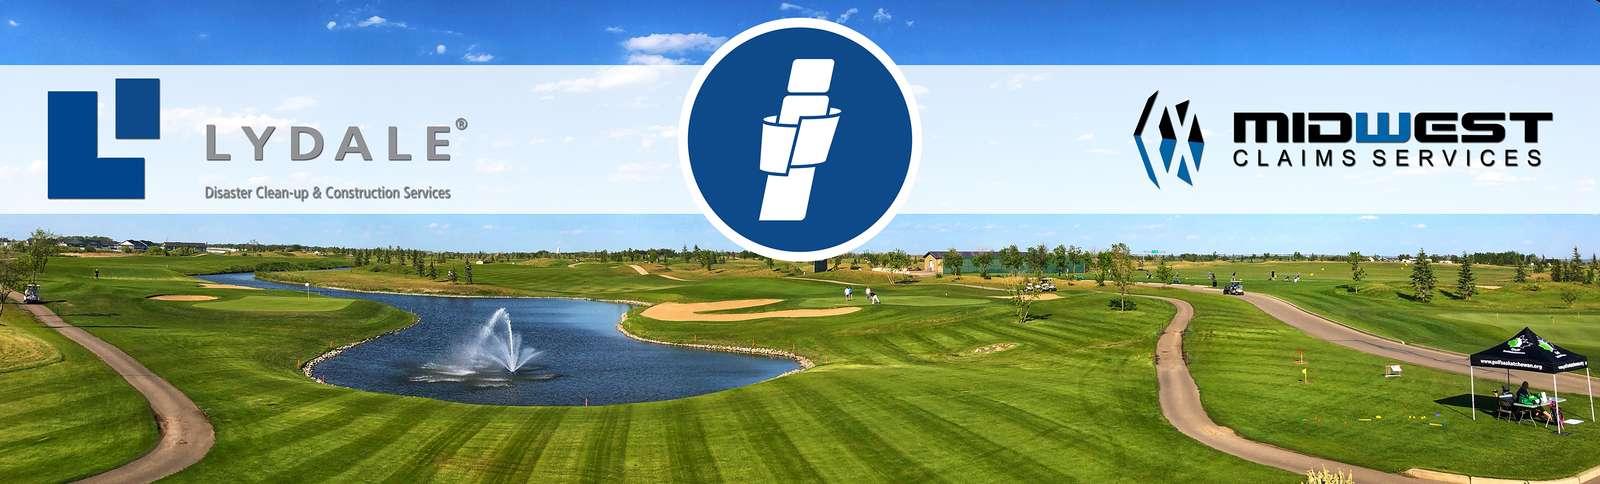 Event_Images/Golf_EventImage_v3.jpg